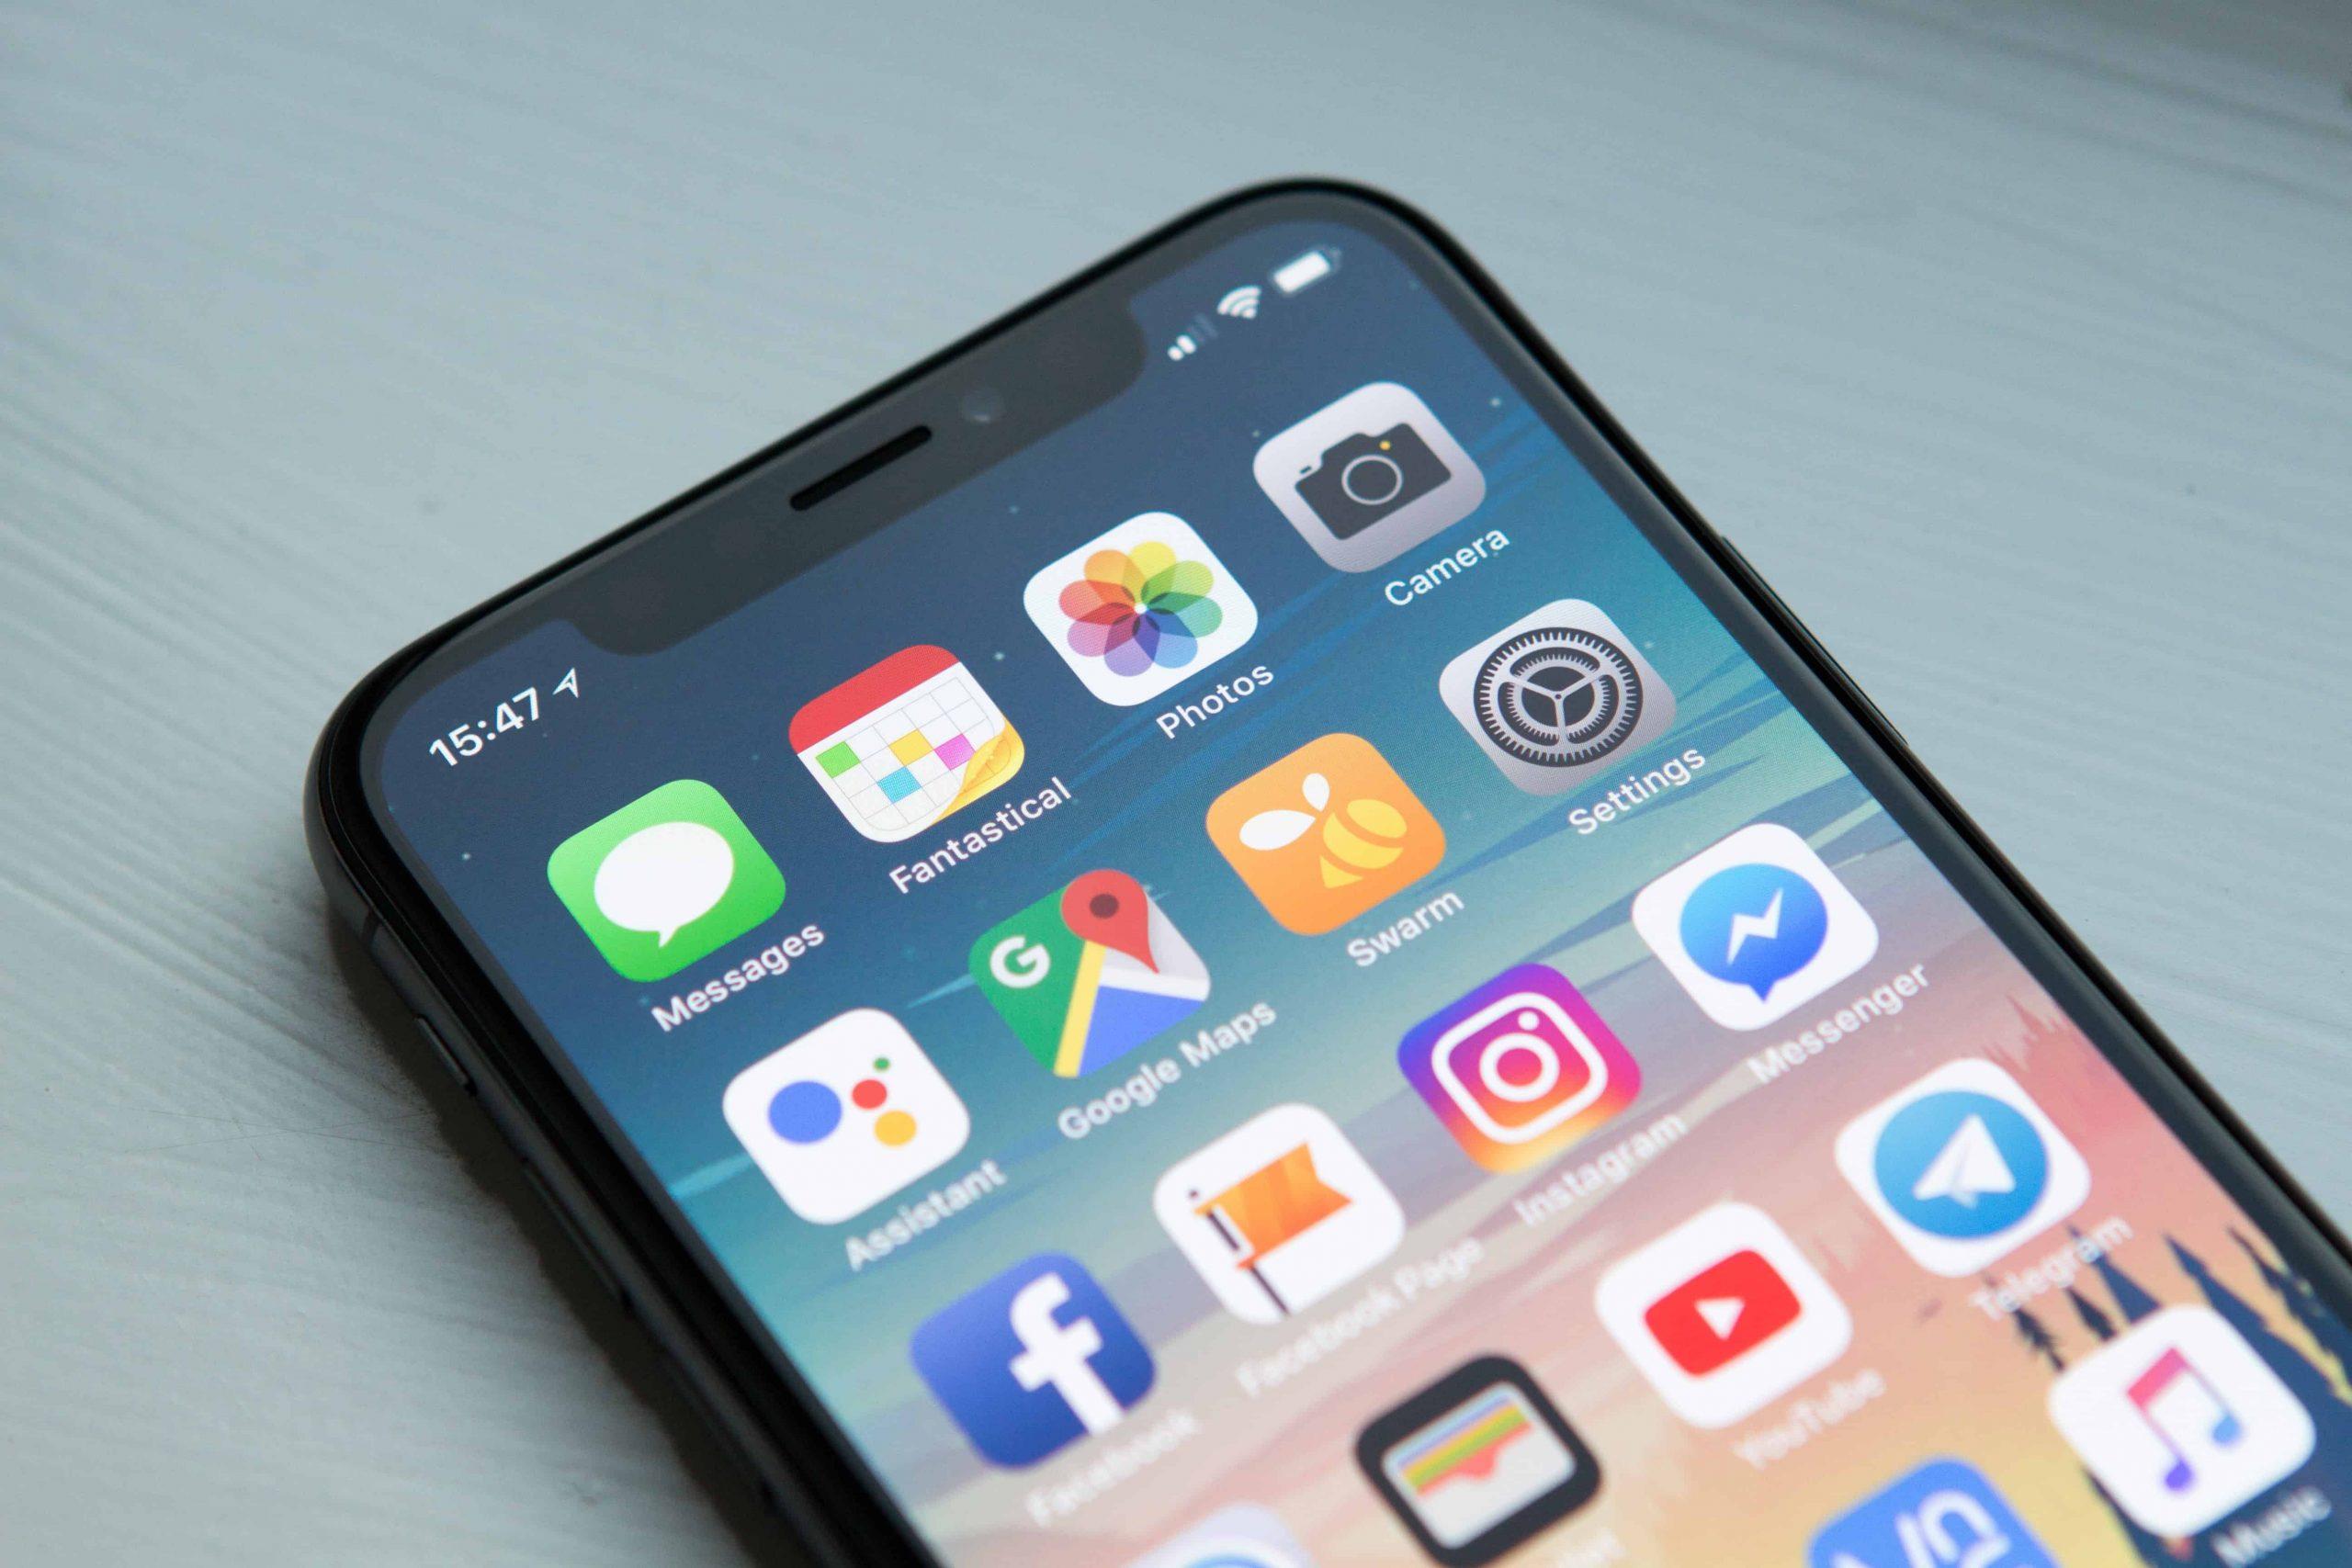 Miglior cover iphone 6 peluche - quale scegliere? (2020)